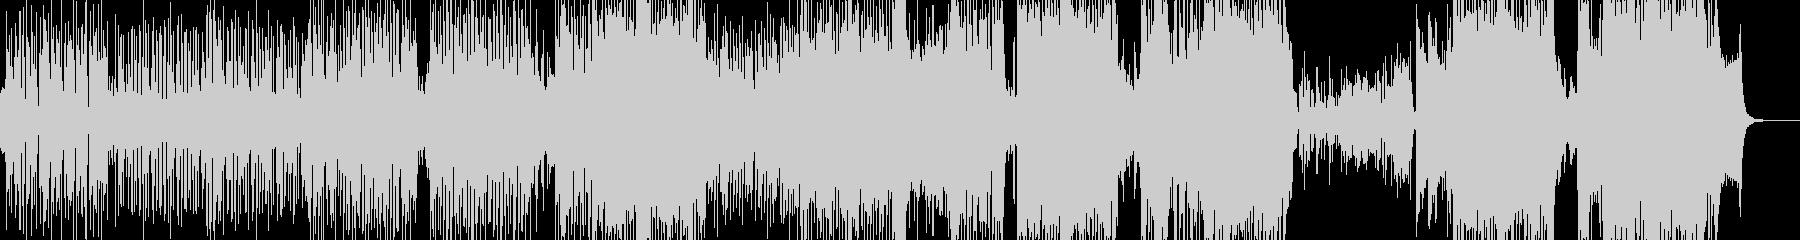 ウクレレ・南国のアコギテクノポップ ★の未再生の波形